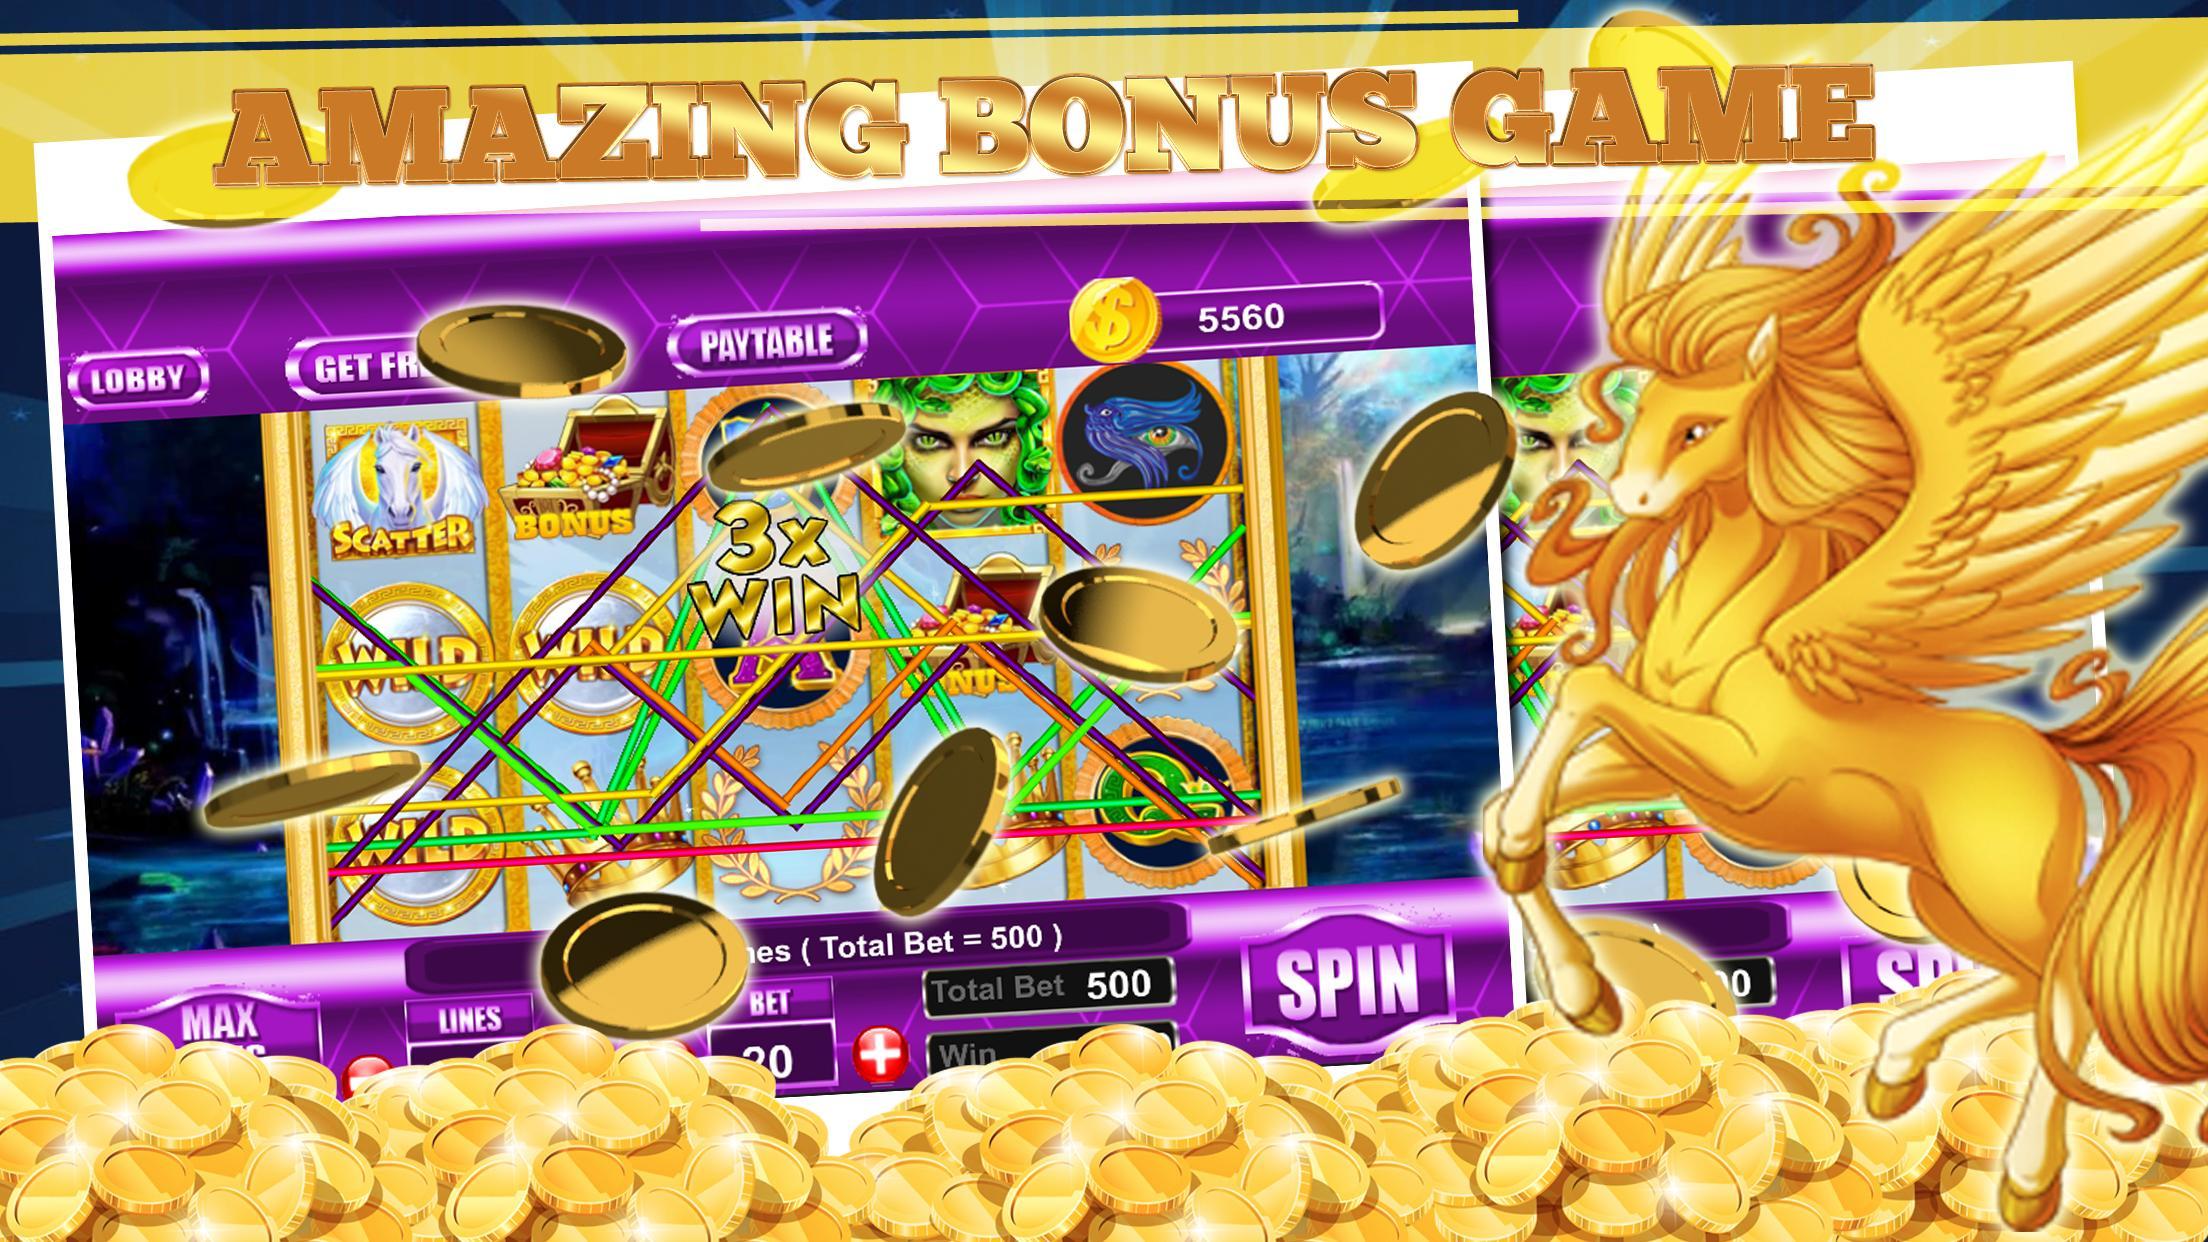 Divinity Casino Slots 1.0 Screenshot 2